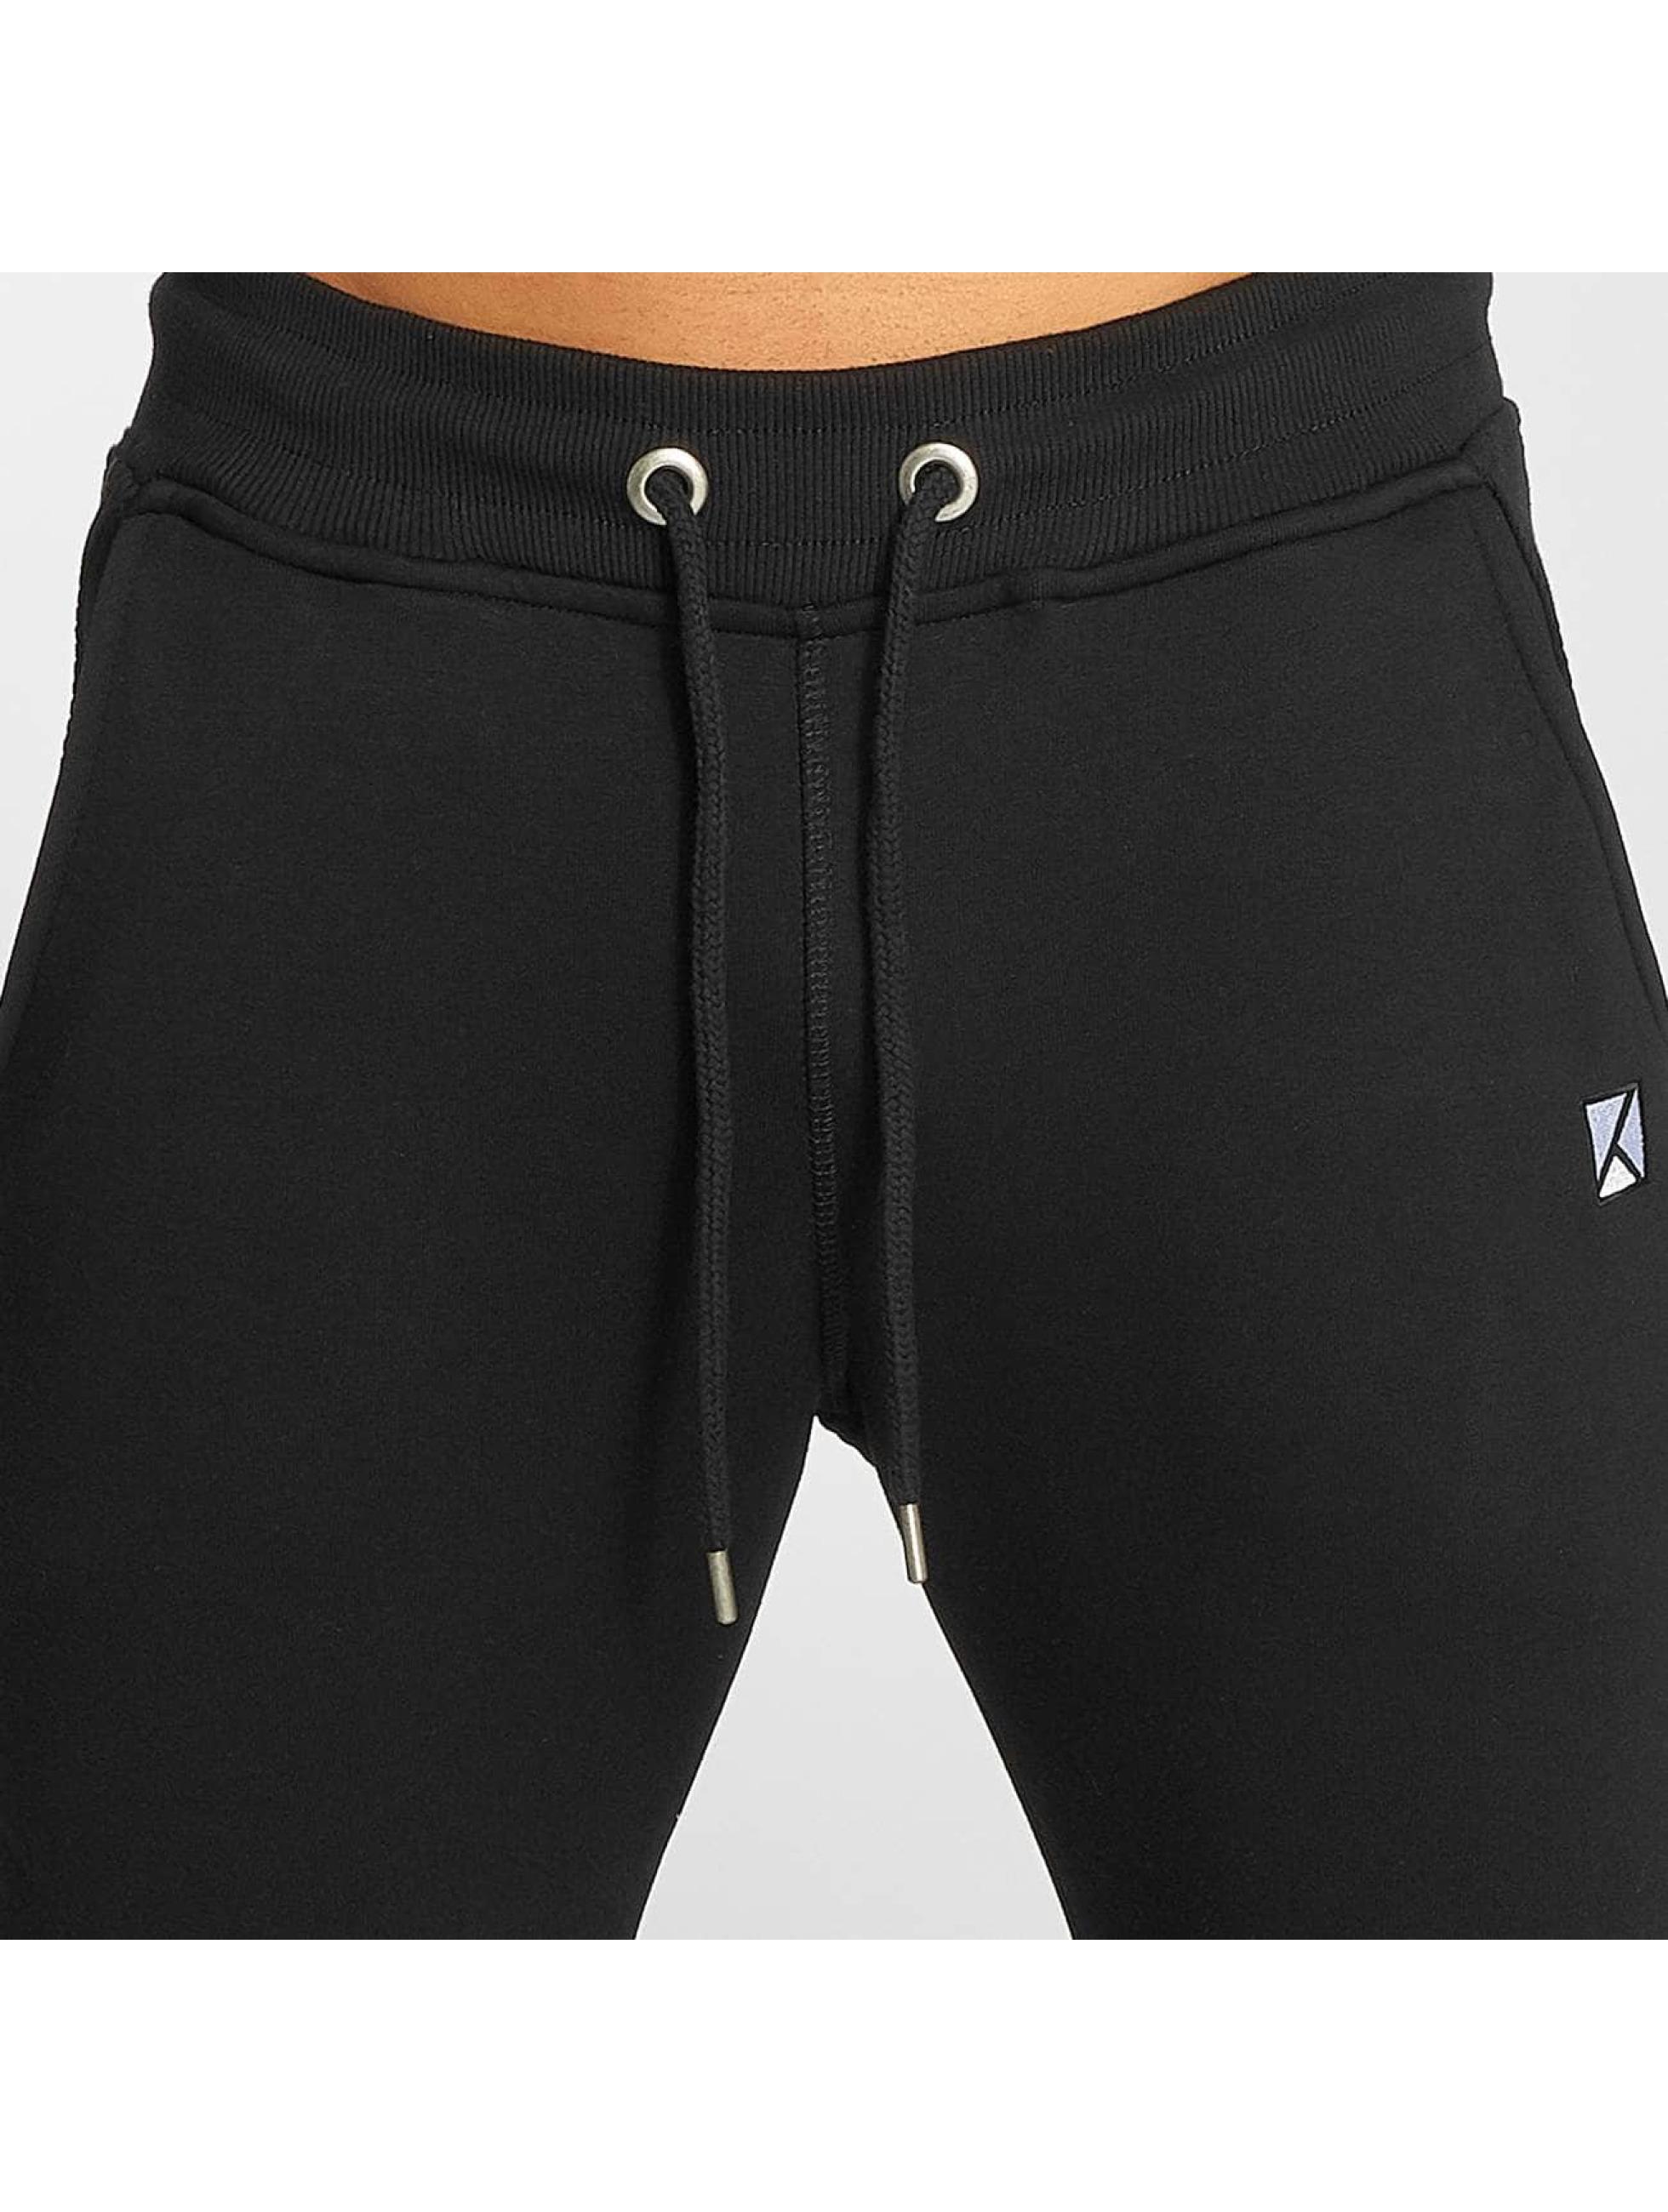 Kulte Pantalón deportivo Jog Sweat negro